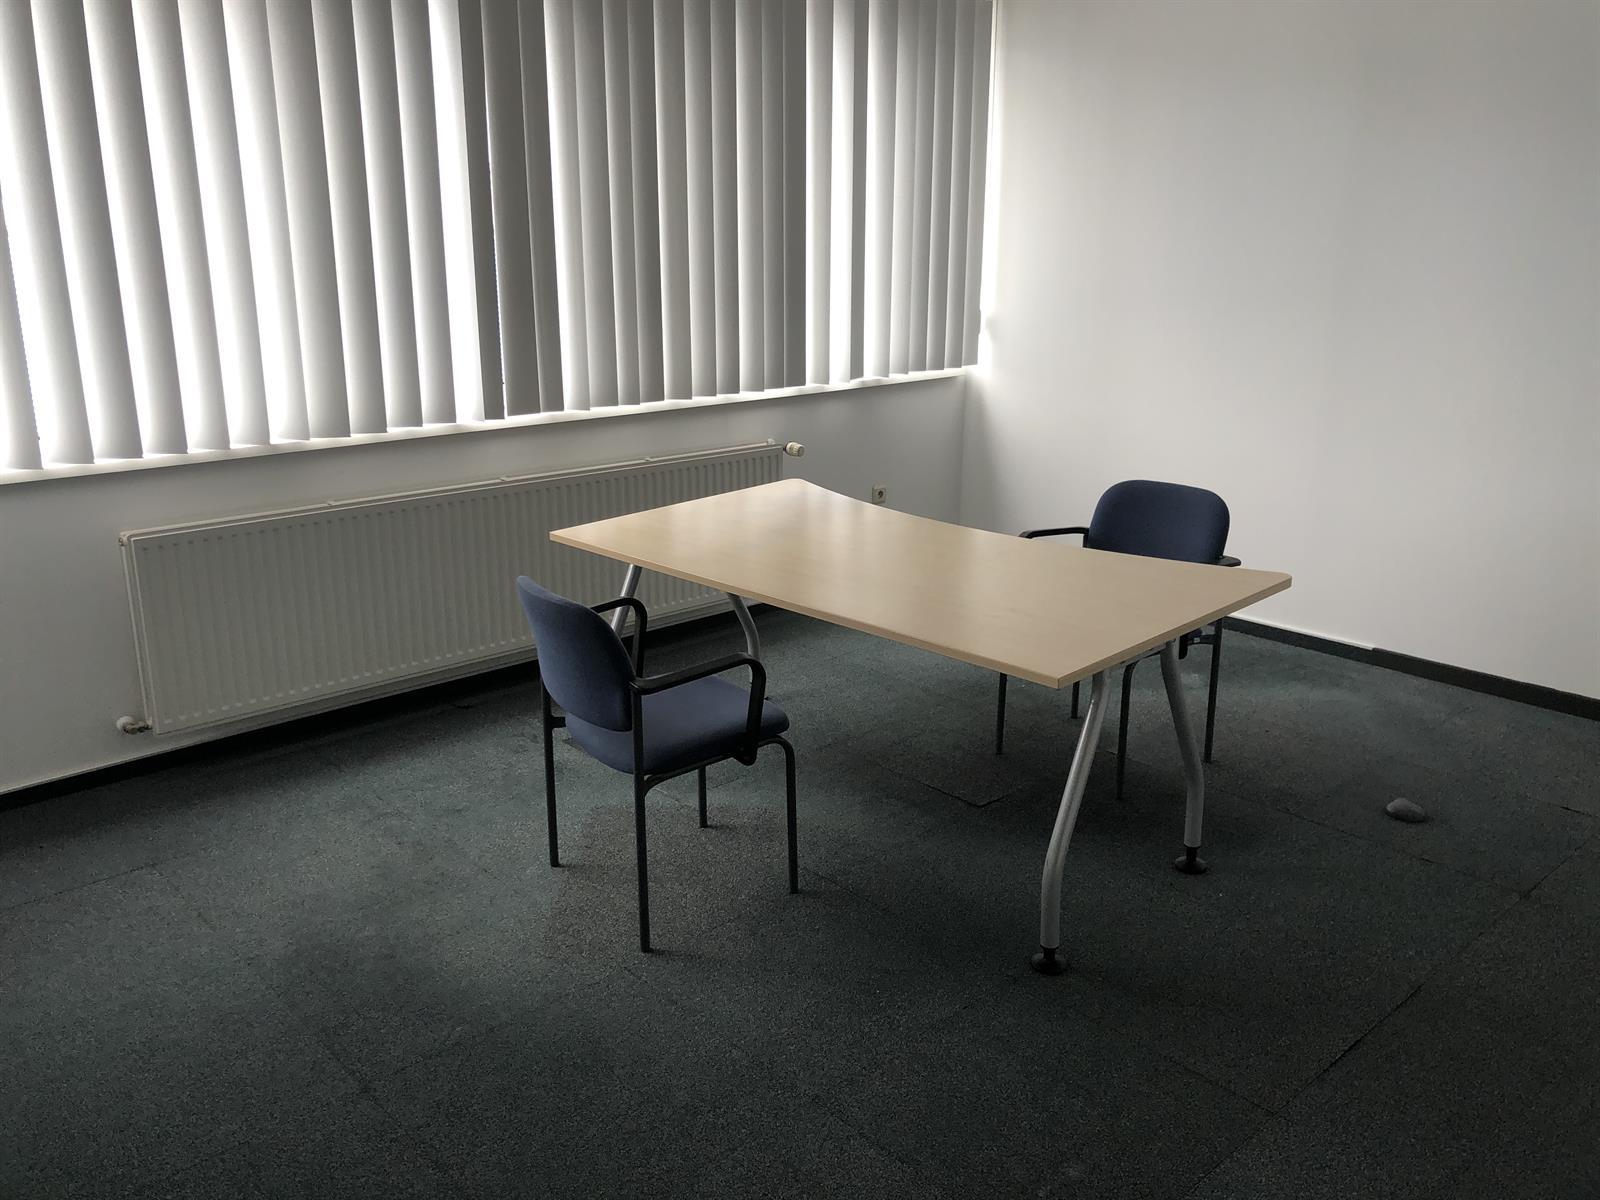 kantoor te huur I168 - Saffierstraat 5, 2200 Herentals, België 5